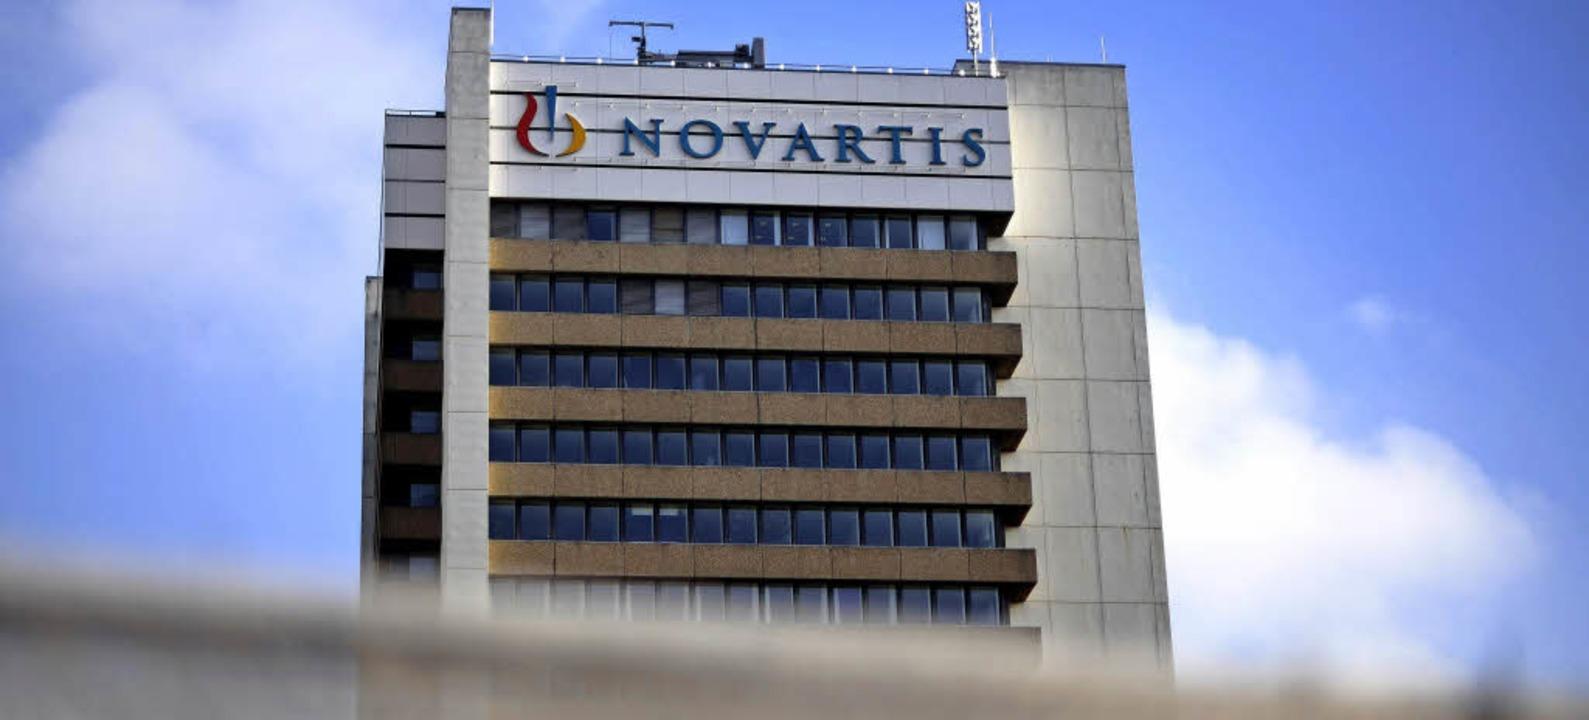 Novartis strukturiert seine Schweizer Standorte um.   | Foto: AFP